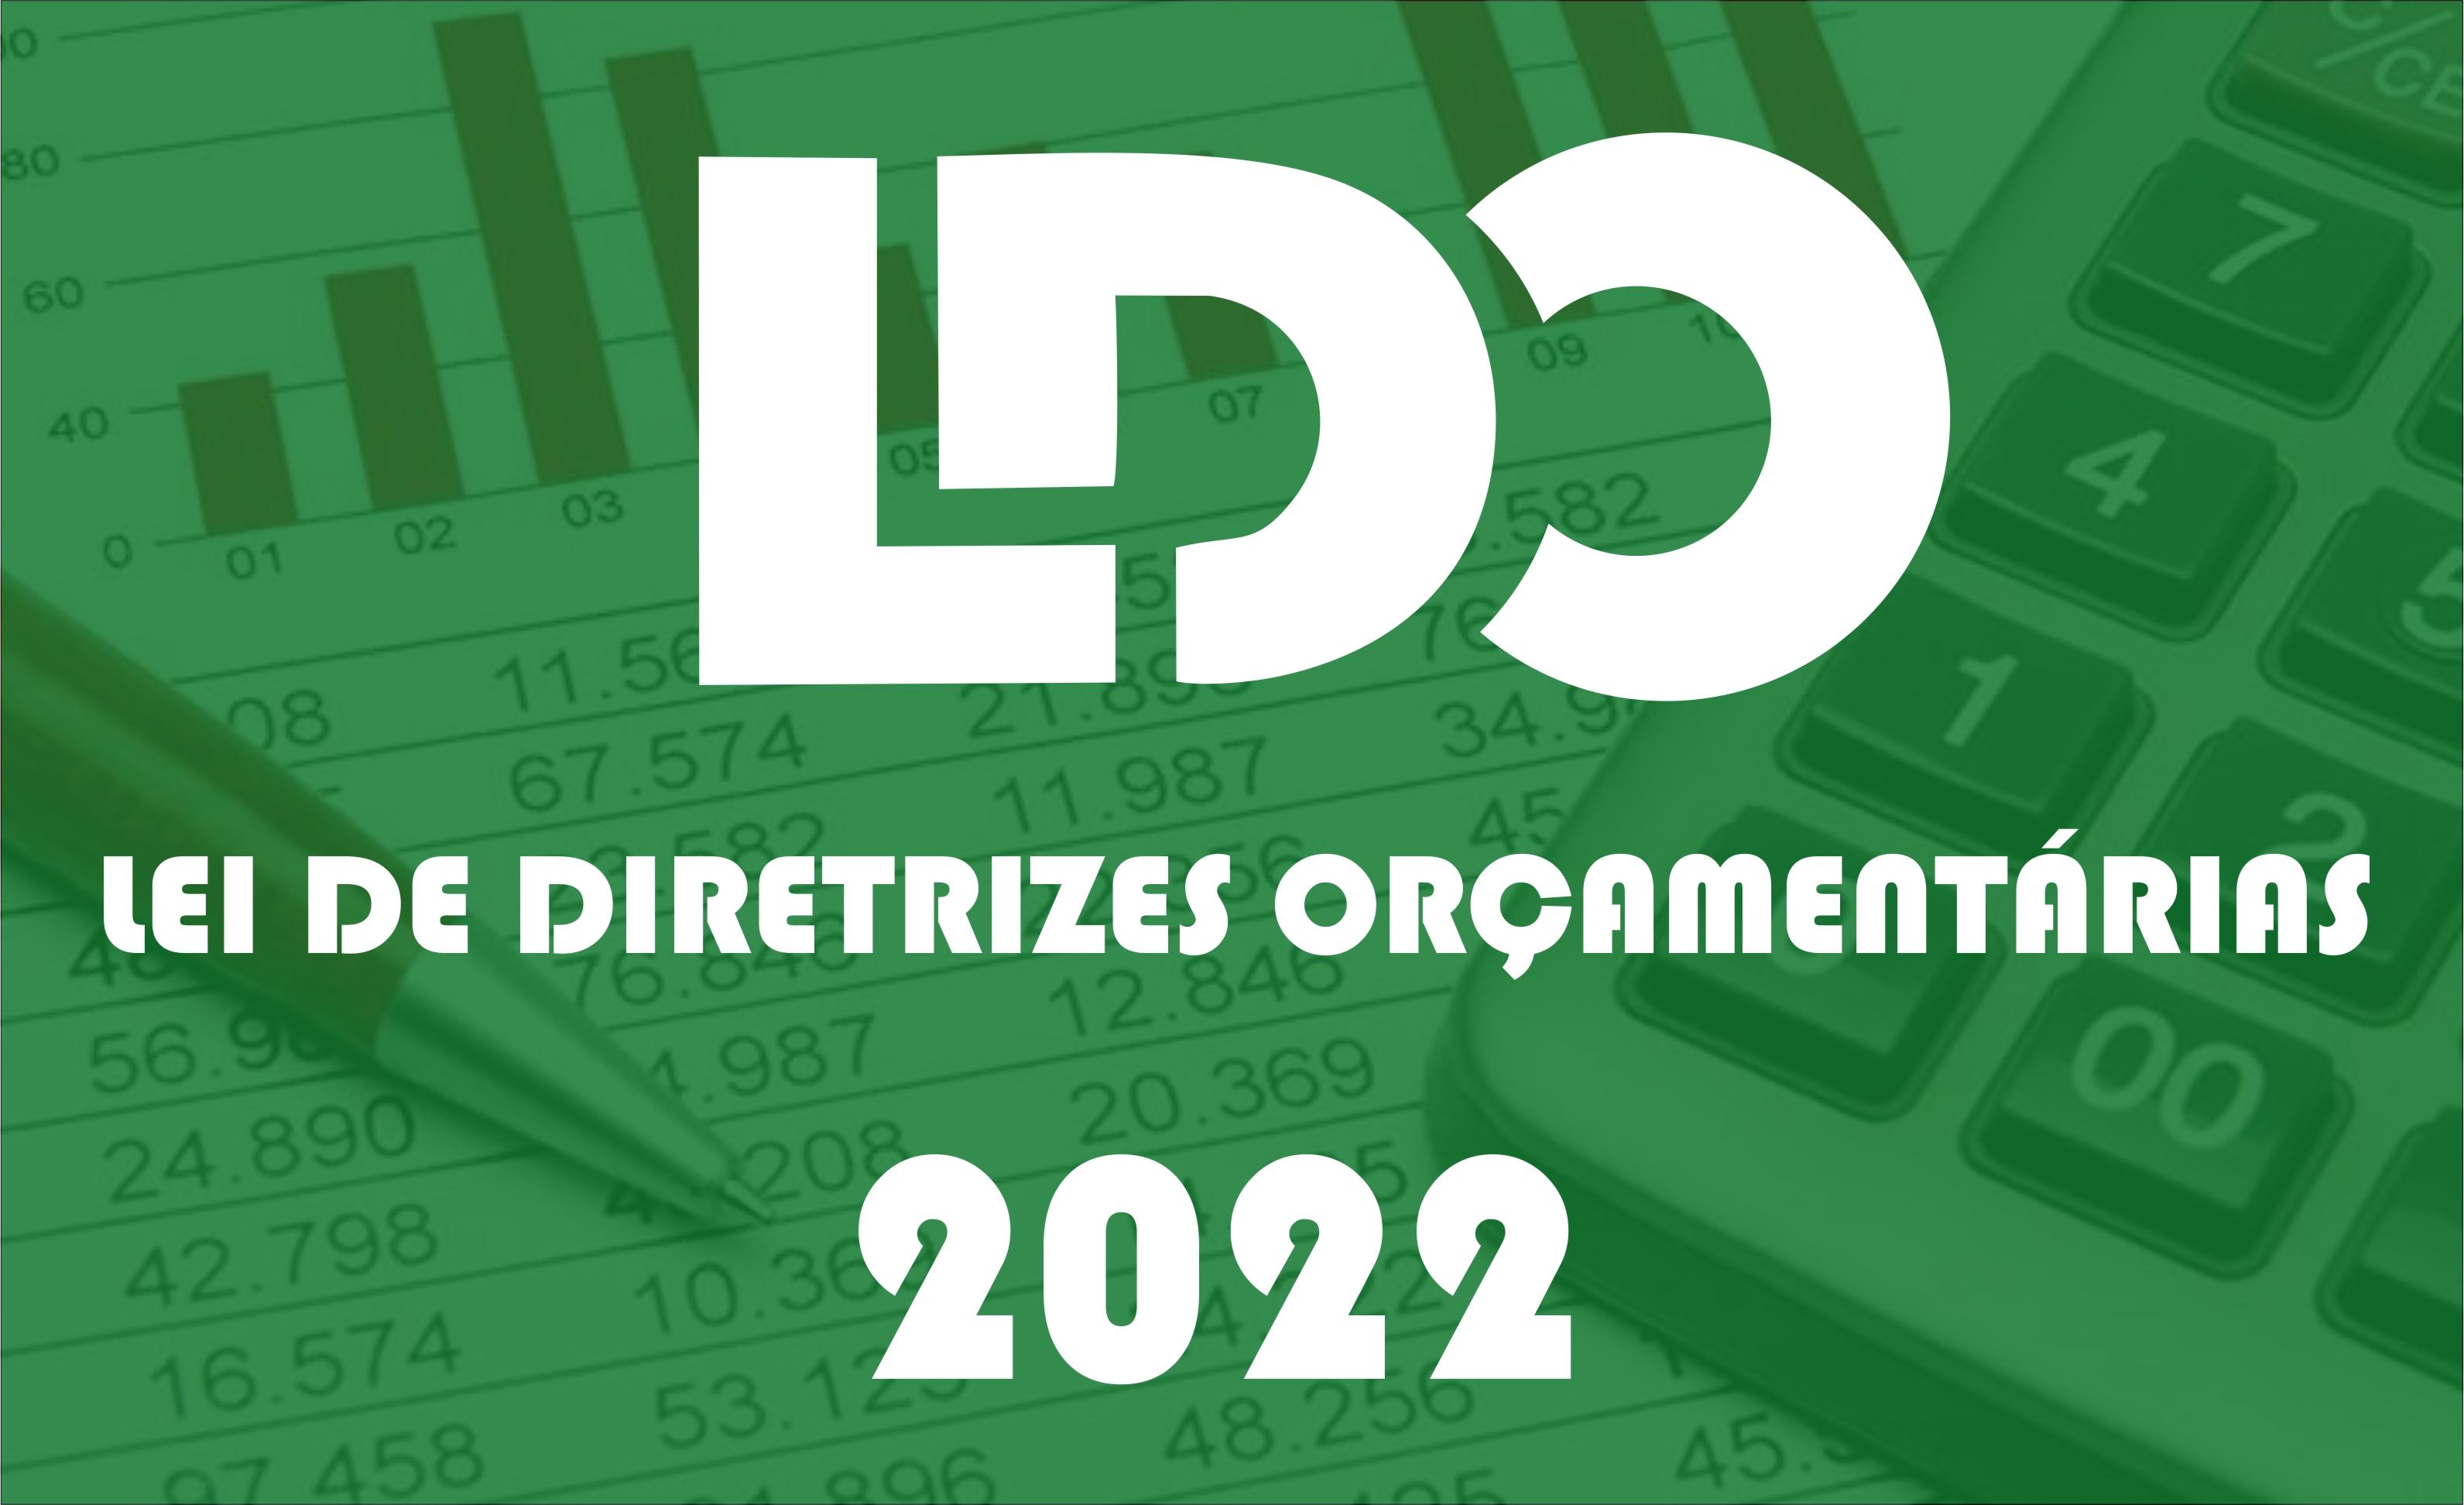 LDO-2022 - Acesso na integra ao Projeto de Lei de Diretrizes Orçamentárias.